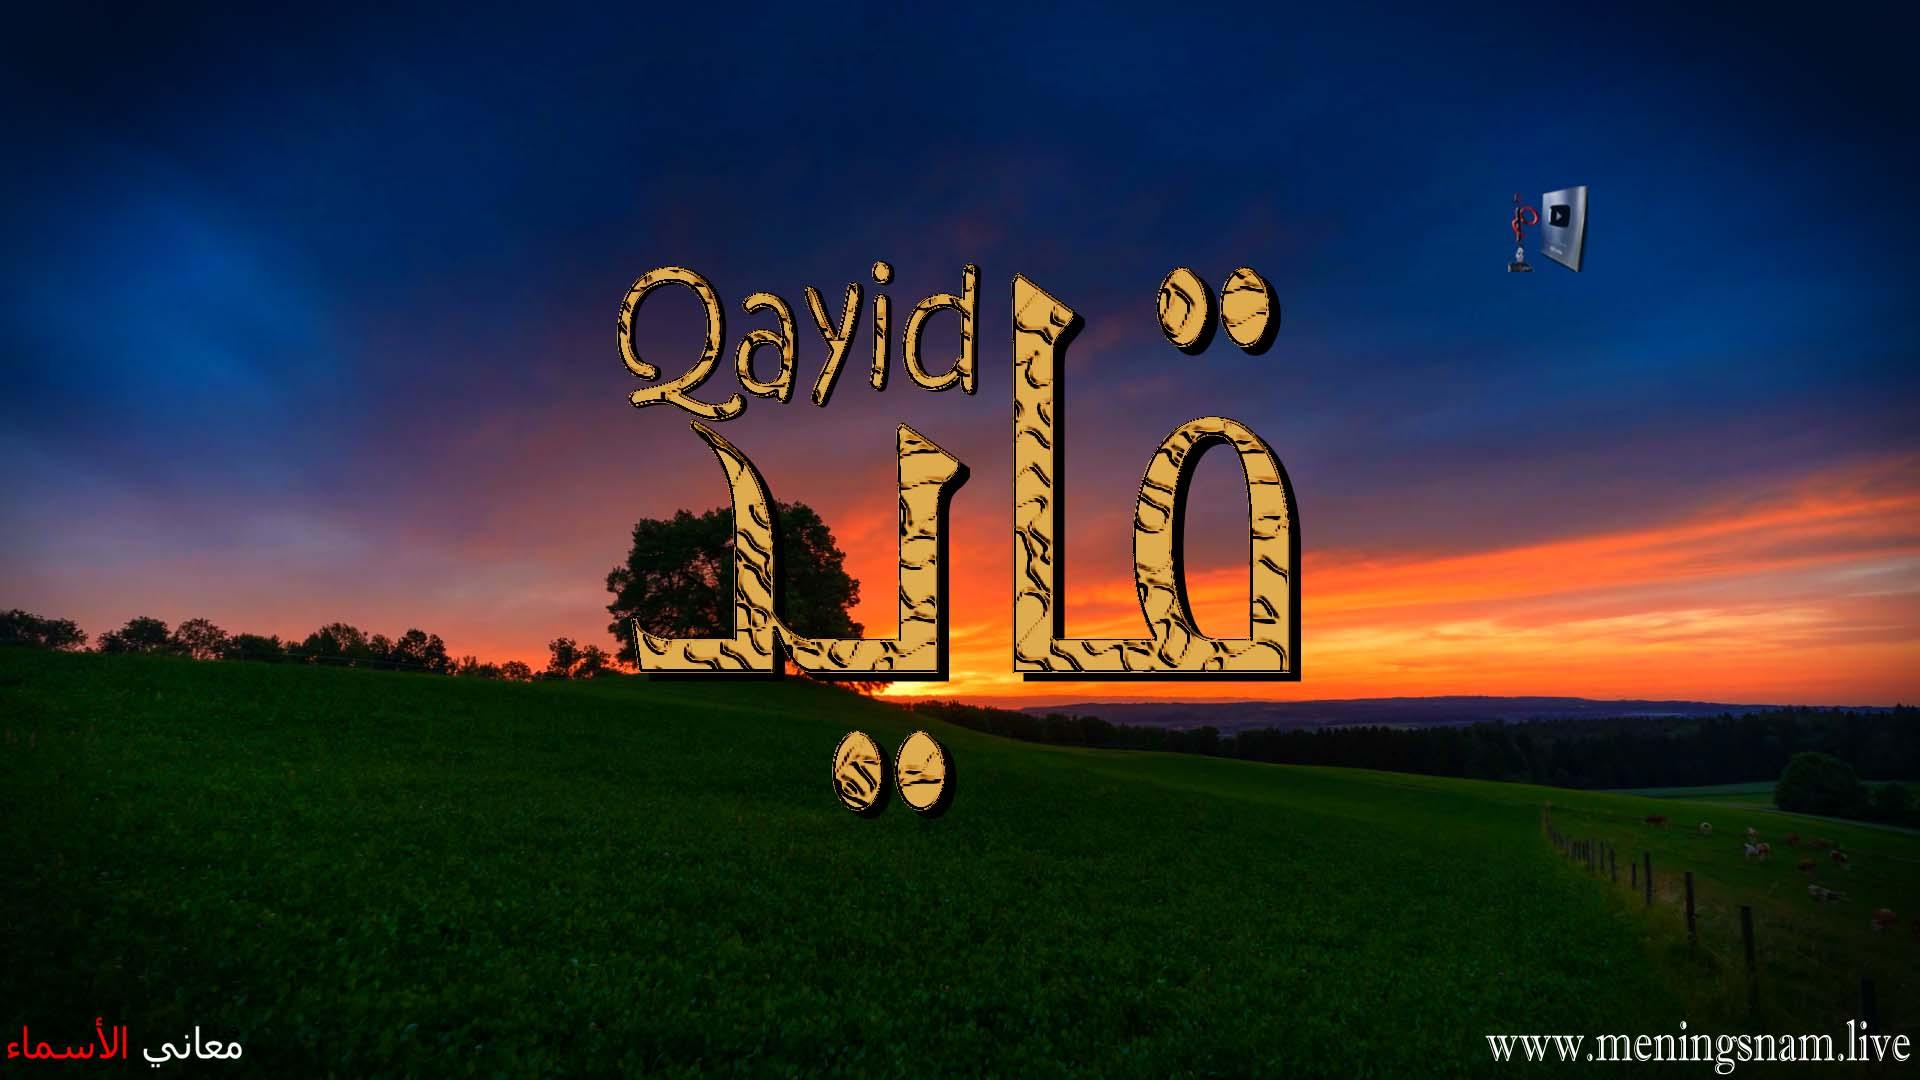 معنى اسم قايد وصفات حامل هذا الاسم Qayid